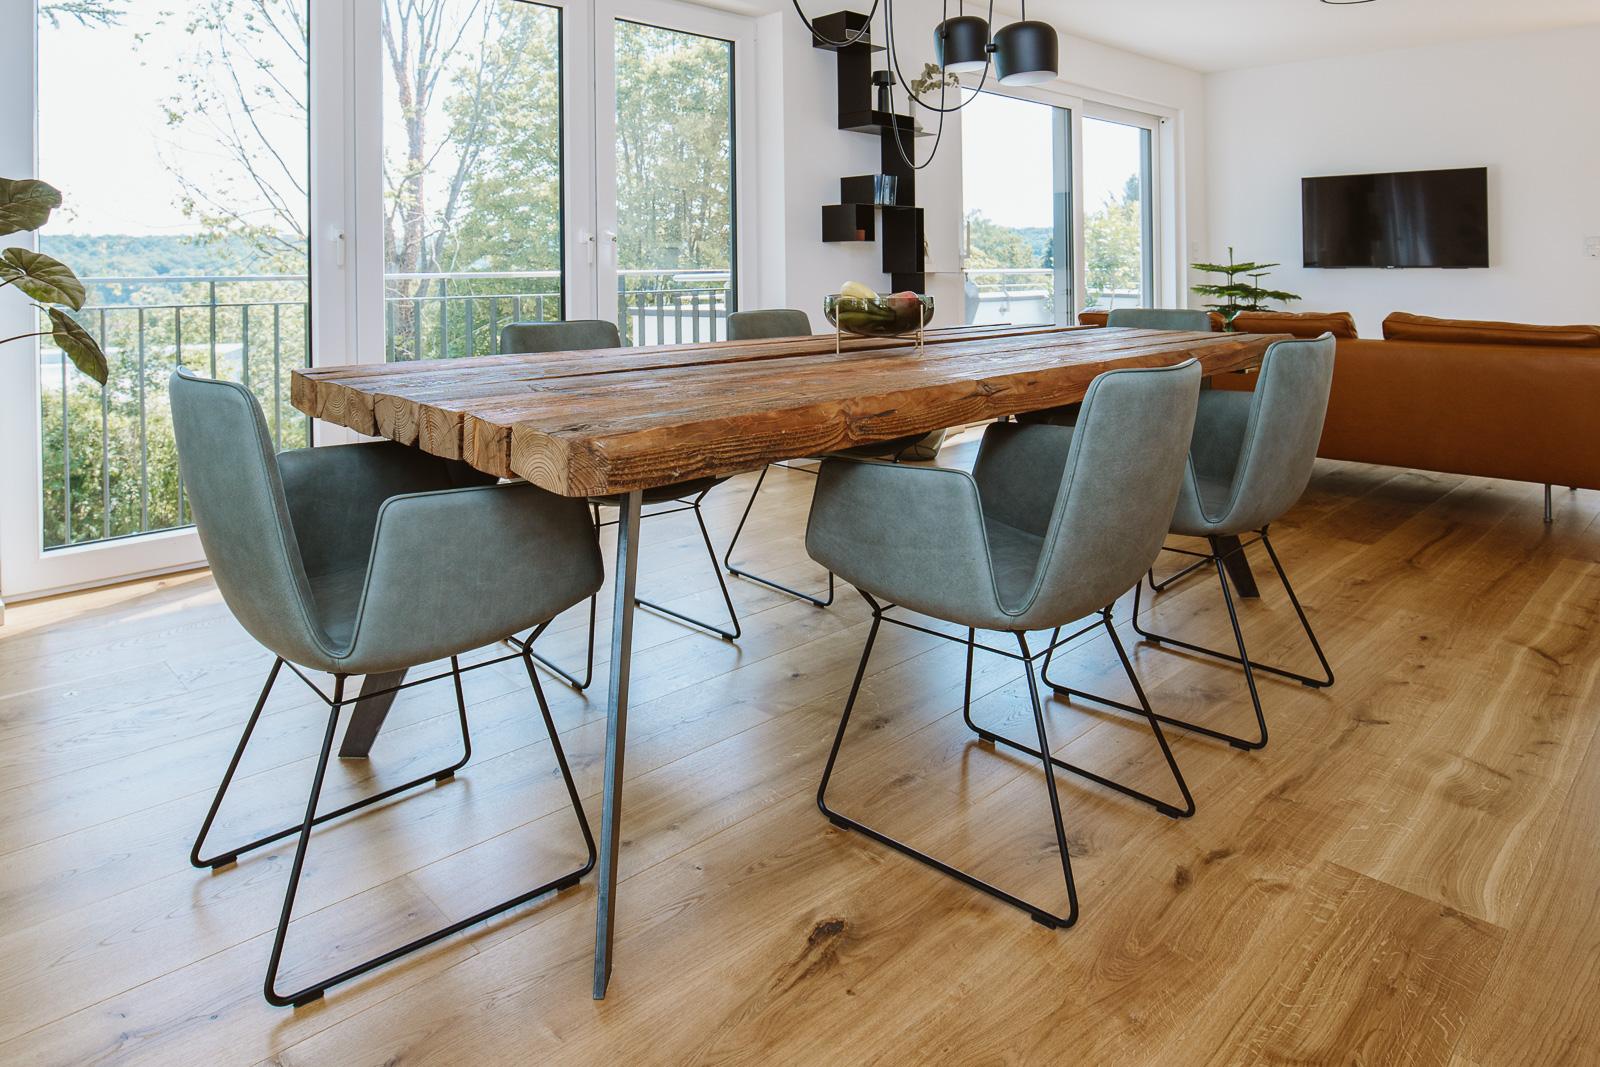 Unternehmensfotograf Bernadett Yehdou - T&R räumegestalten - stylischer Tisch